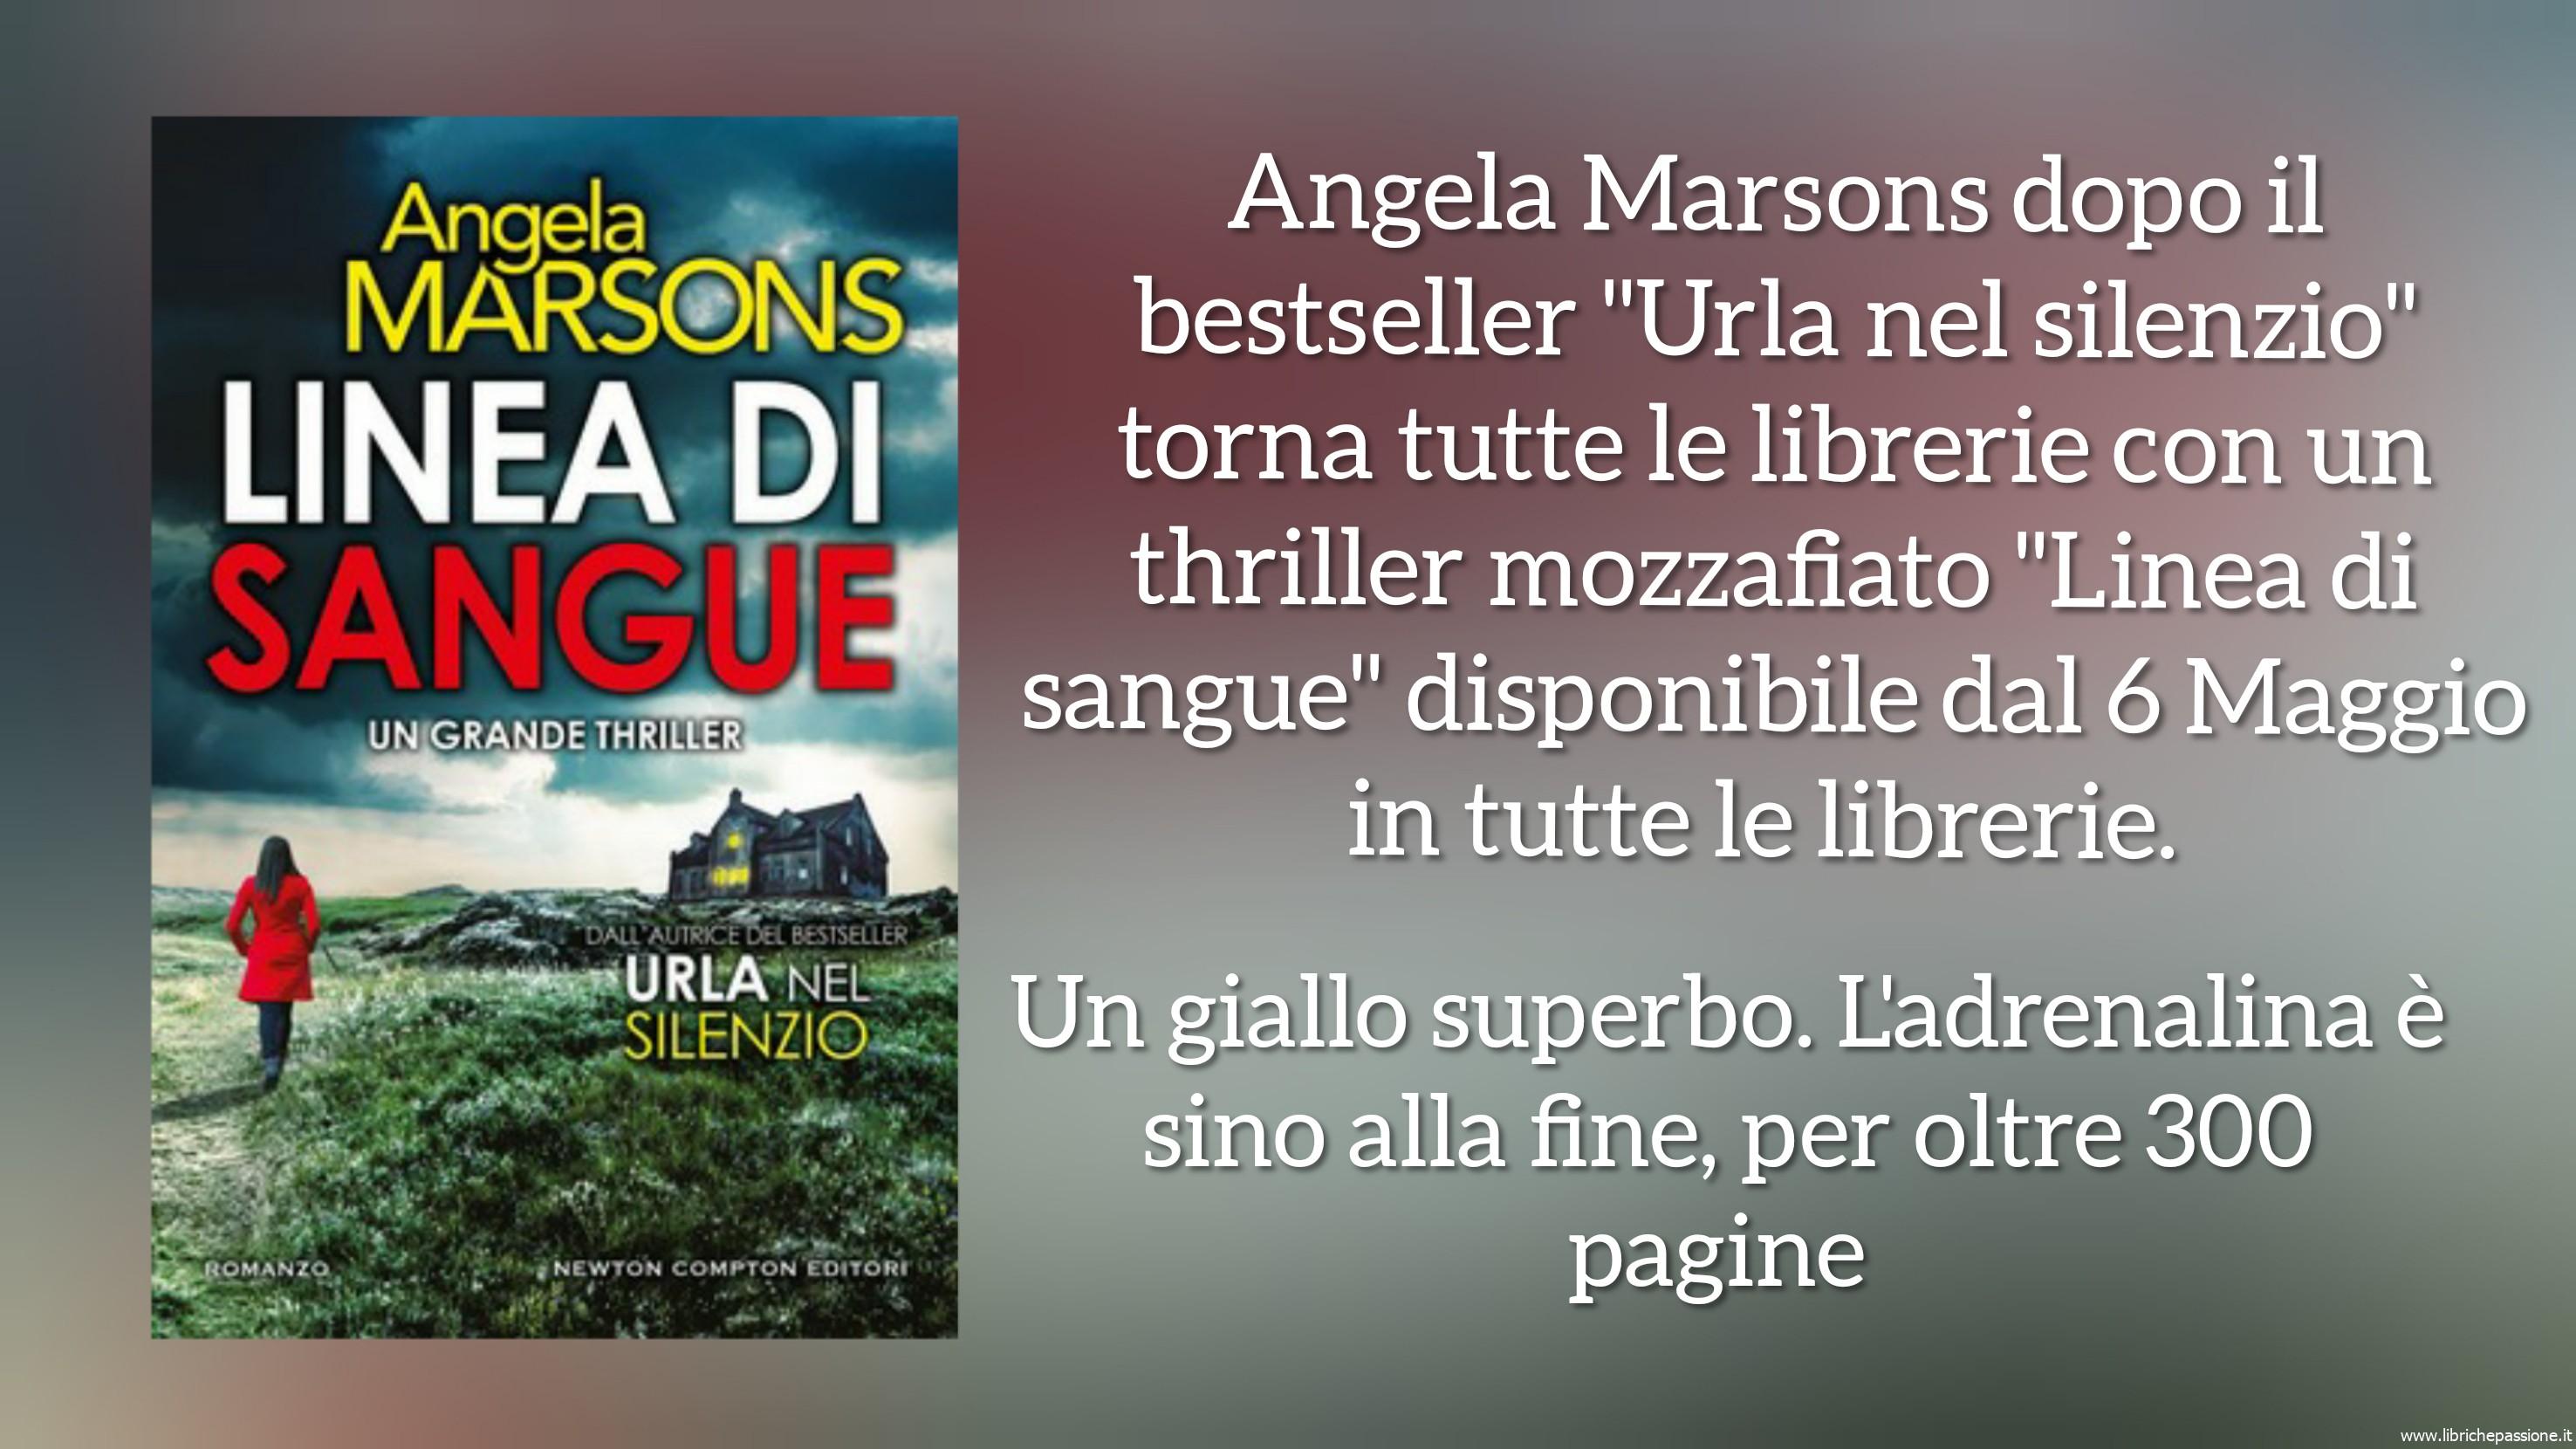 """Segnalazione """"Linea di sangue"""", autrice Angela Marsons edito Newton Compton. Dal 6 Maggio 2019 in tutte le librerie"""